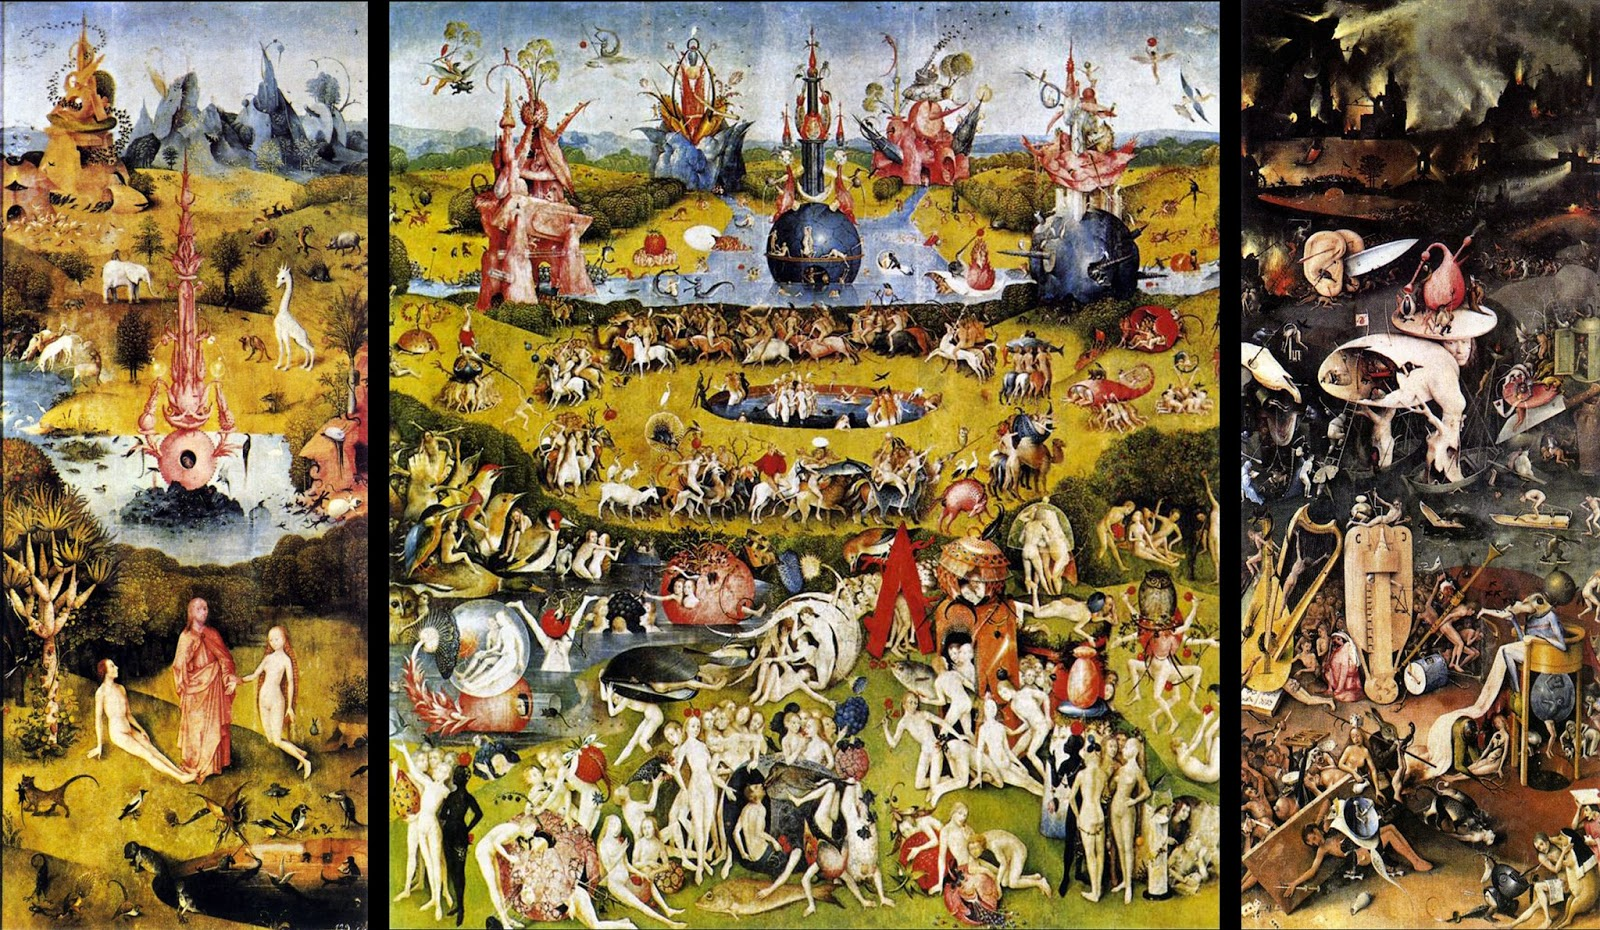 O Jardim das Delícias Terrenas - Bosch, Hieronymus e suas principais pinturas